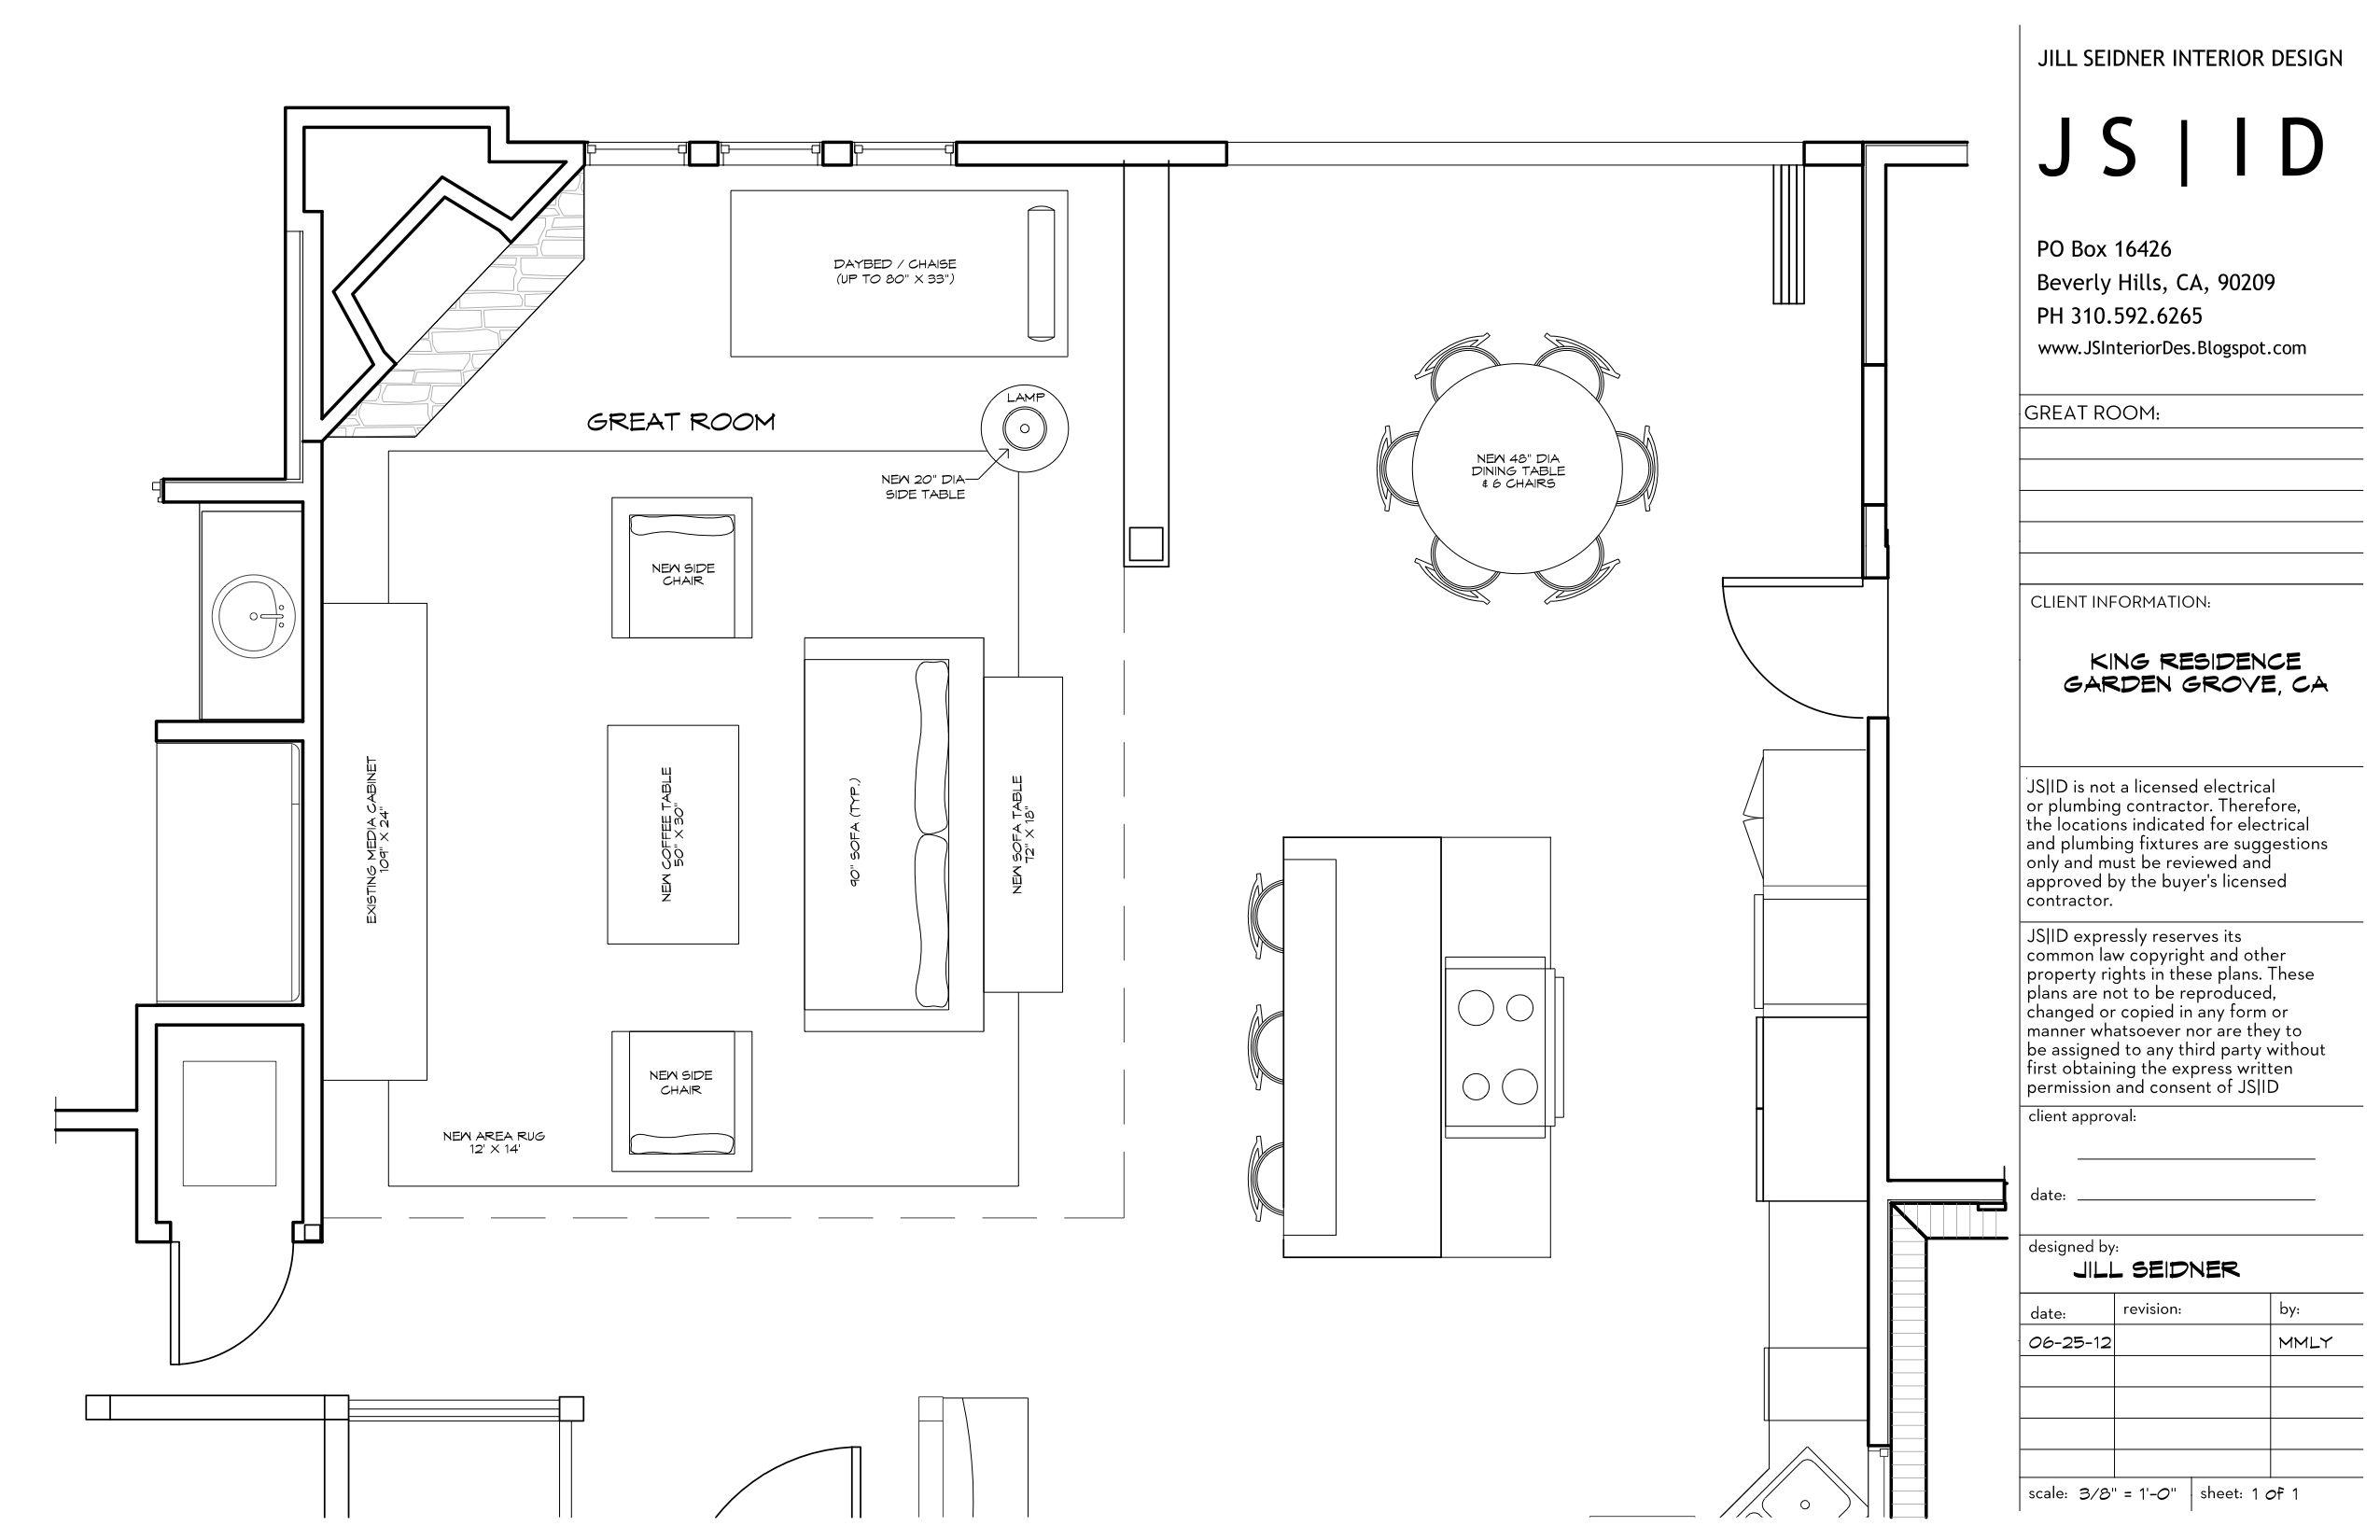 Pin On Jill Seidner Interior Design